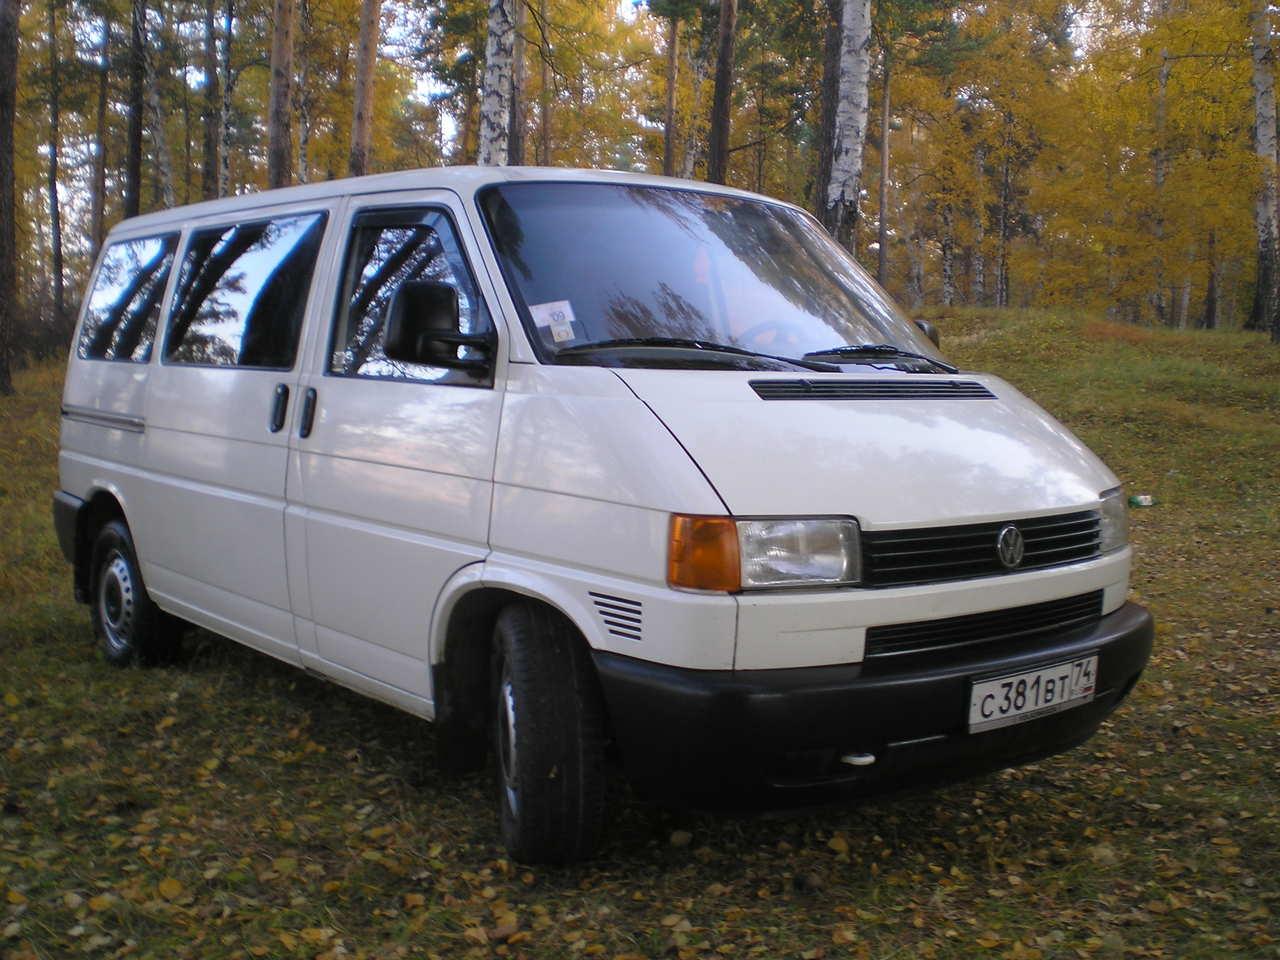 Фольксваген транспортер 1998 транспортер т4 как заказать запчасти на